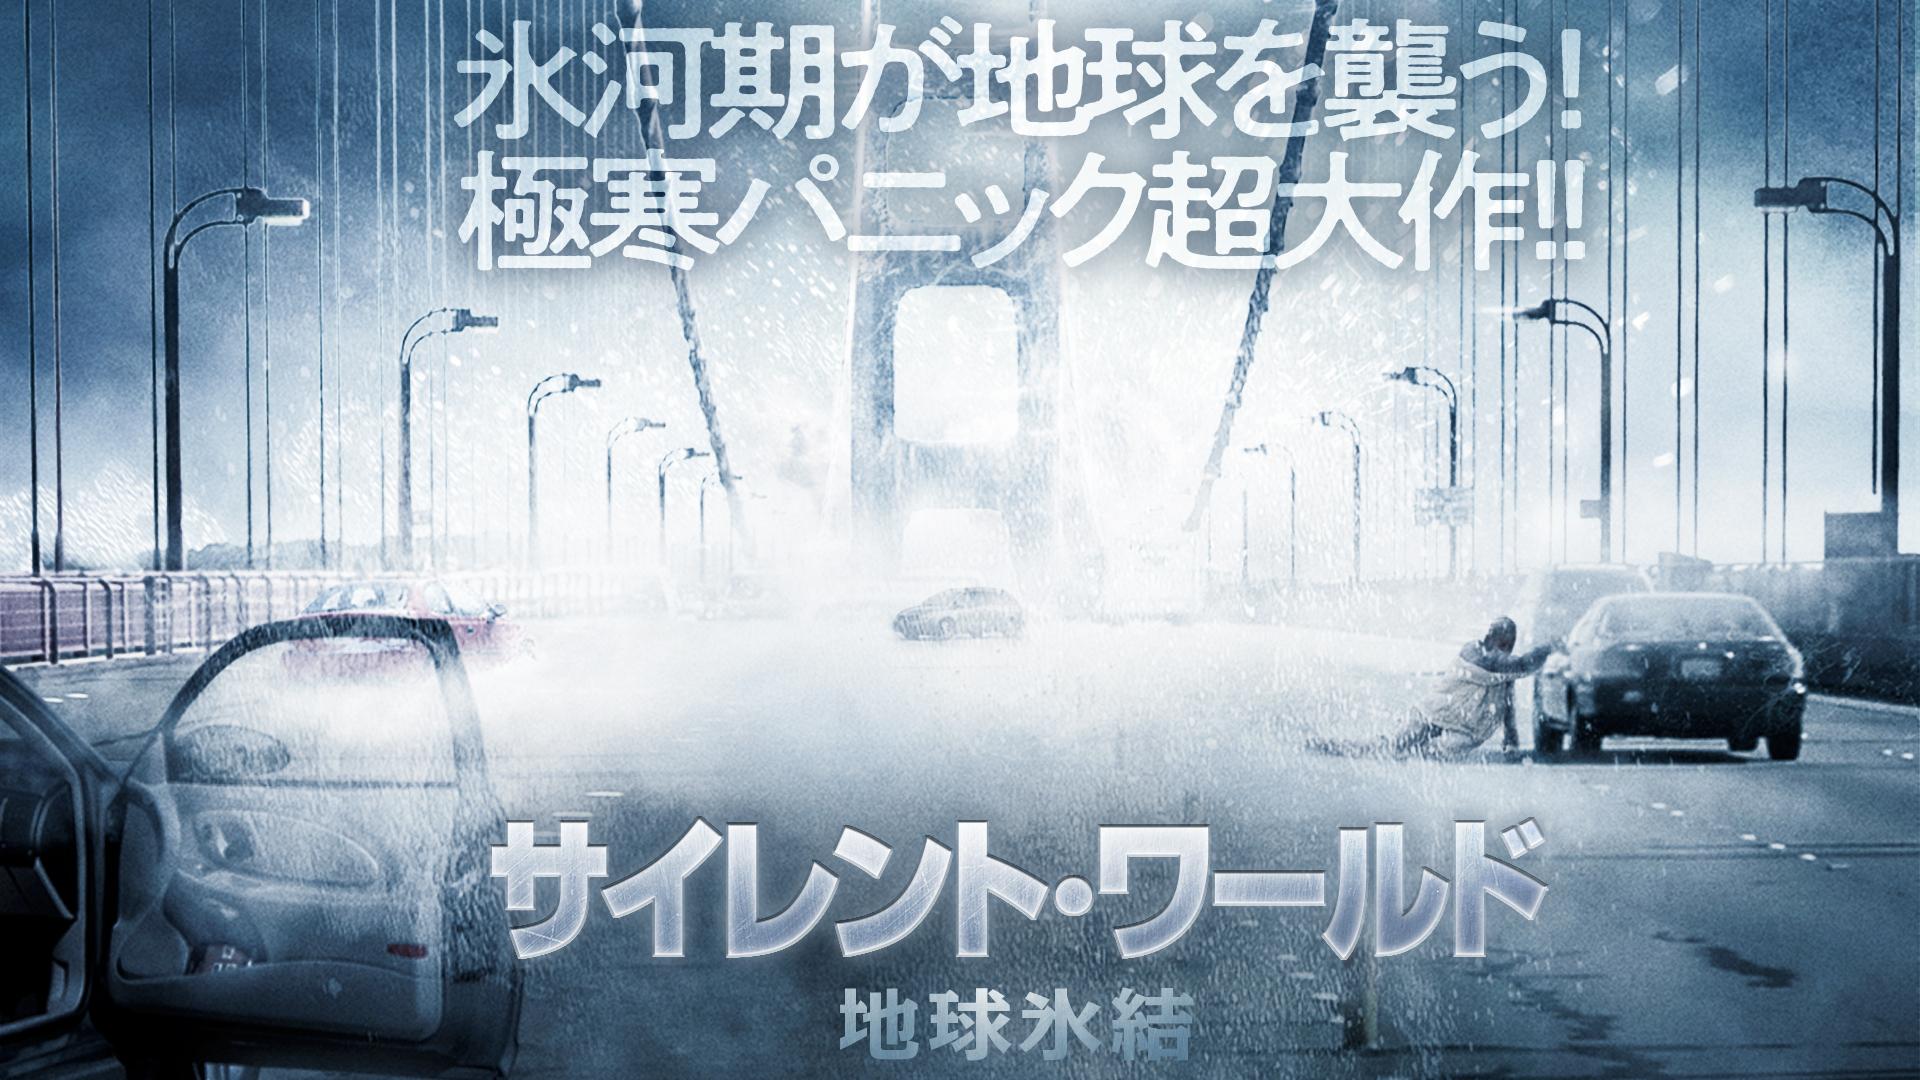 サイレント・ワールド 地球氷結(字幕版)